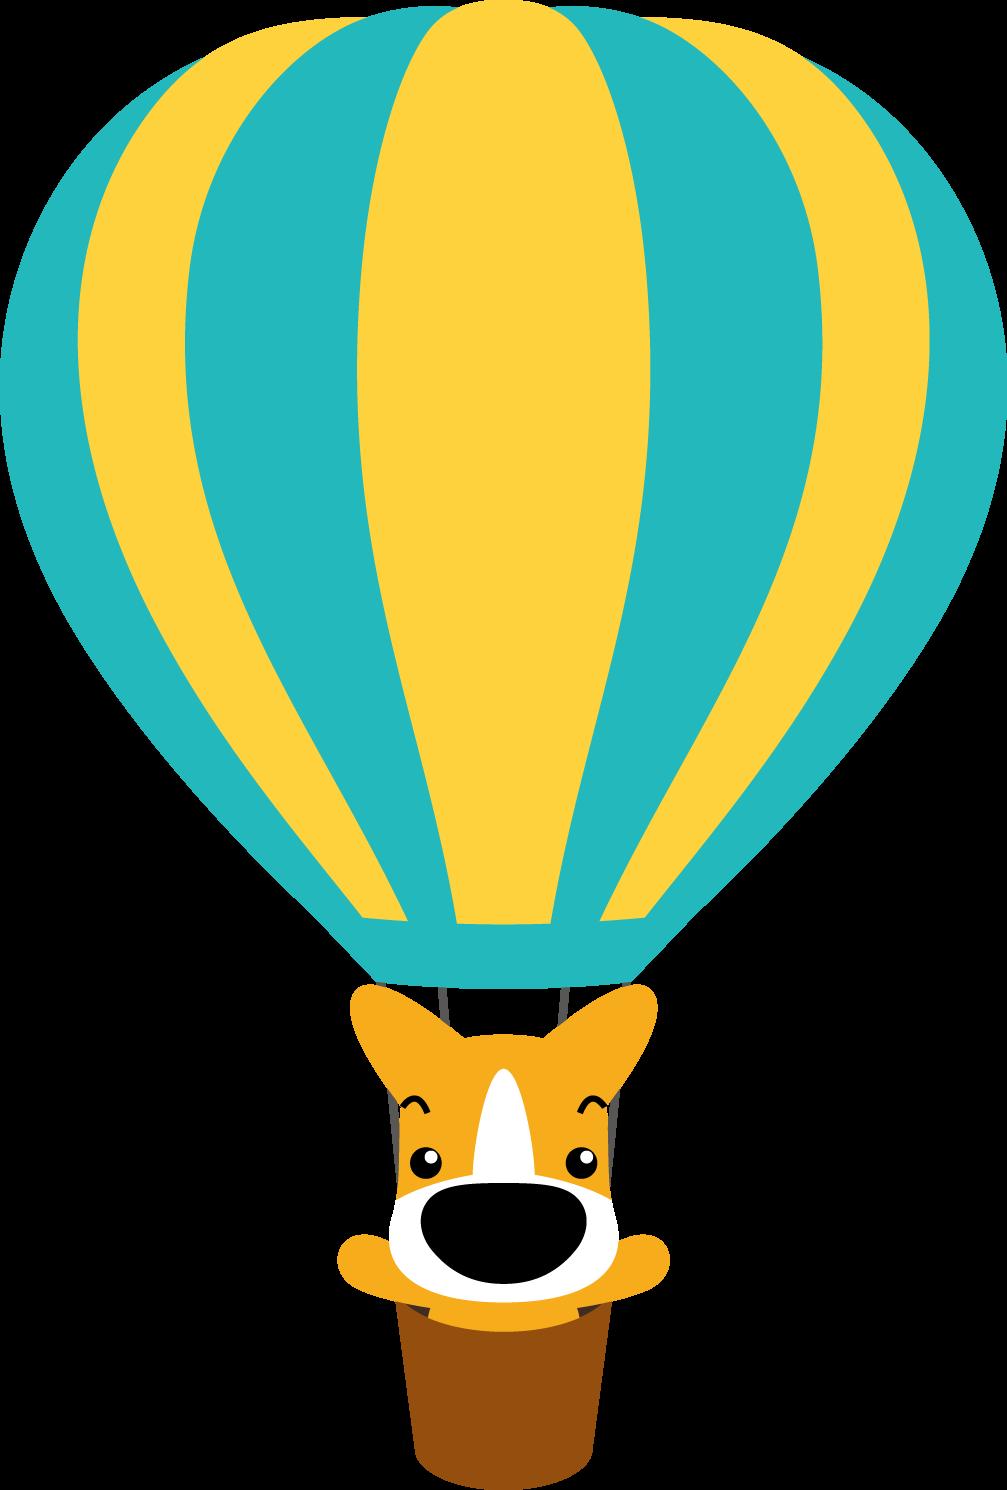 印刷用イラスト 気球(カラー ... : 無料印刷素材 : 印刷